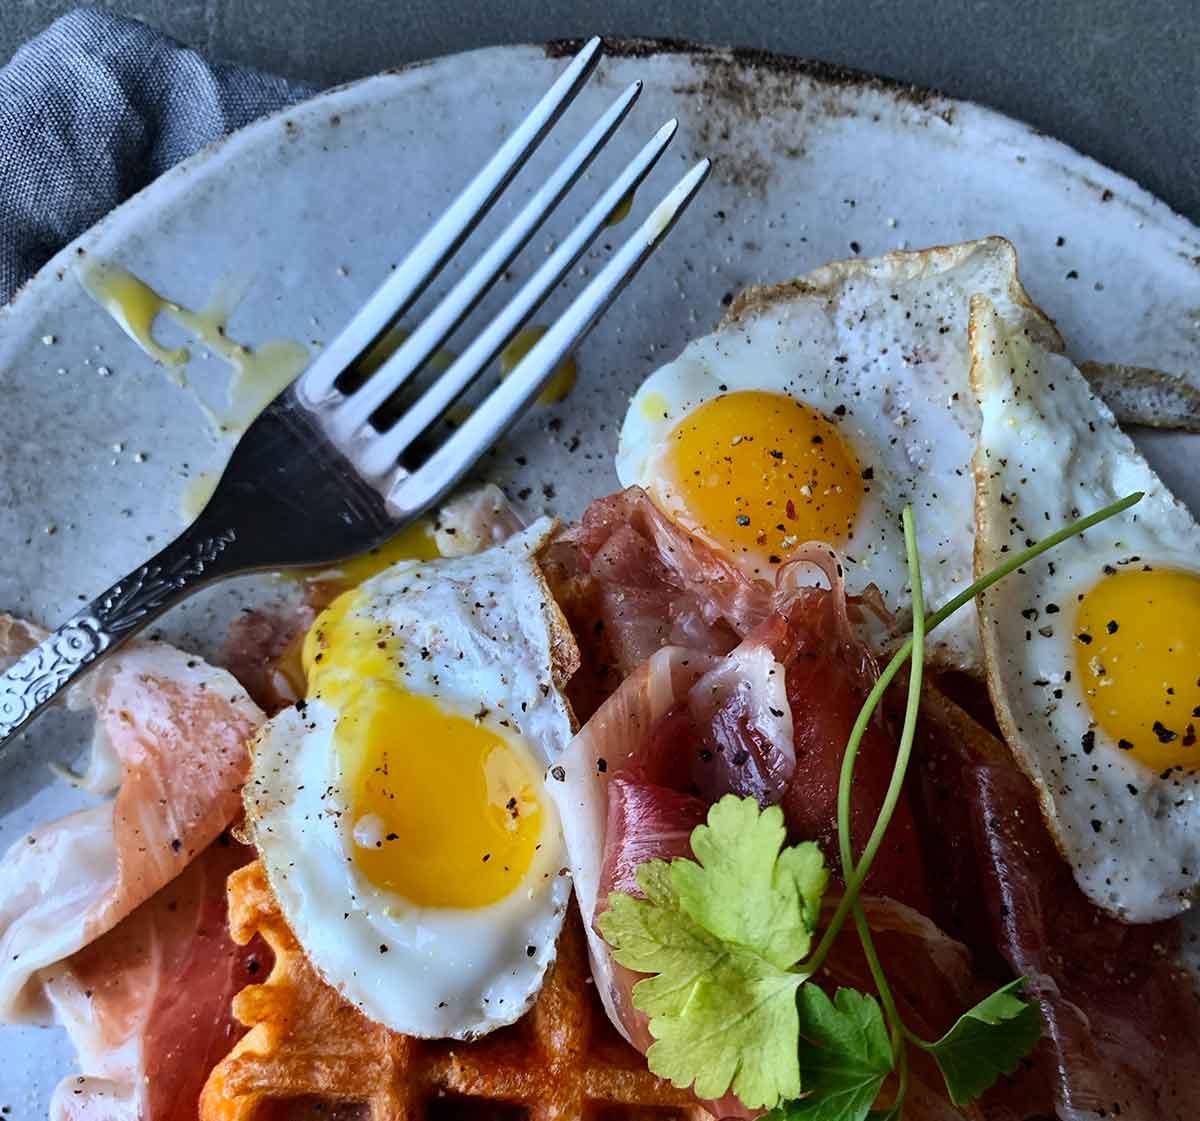 Gofres acompanyades d'ous de guatlla i pernil ibèric